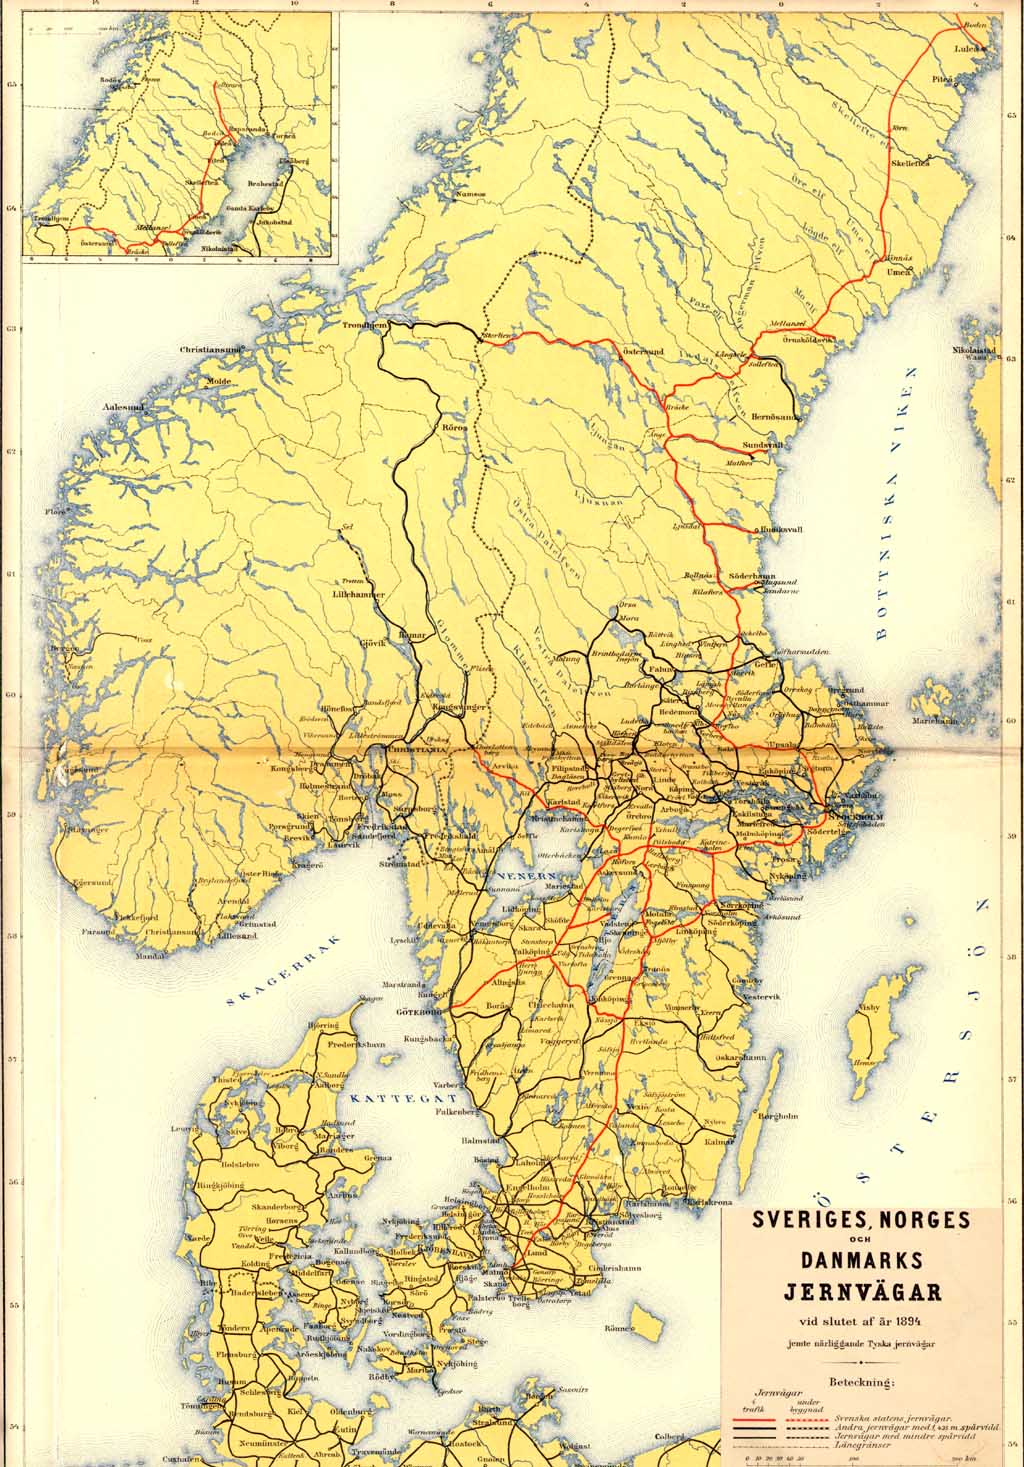 karta över norge Karta över järnvägarna i Sverige, Norge och Dannmark 1894  karta över norge